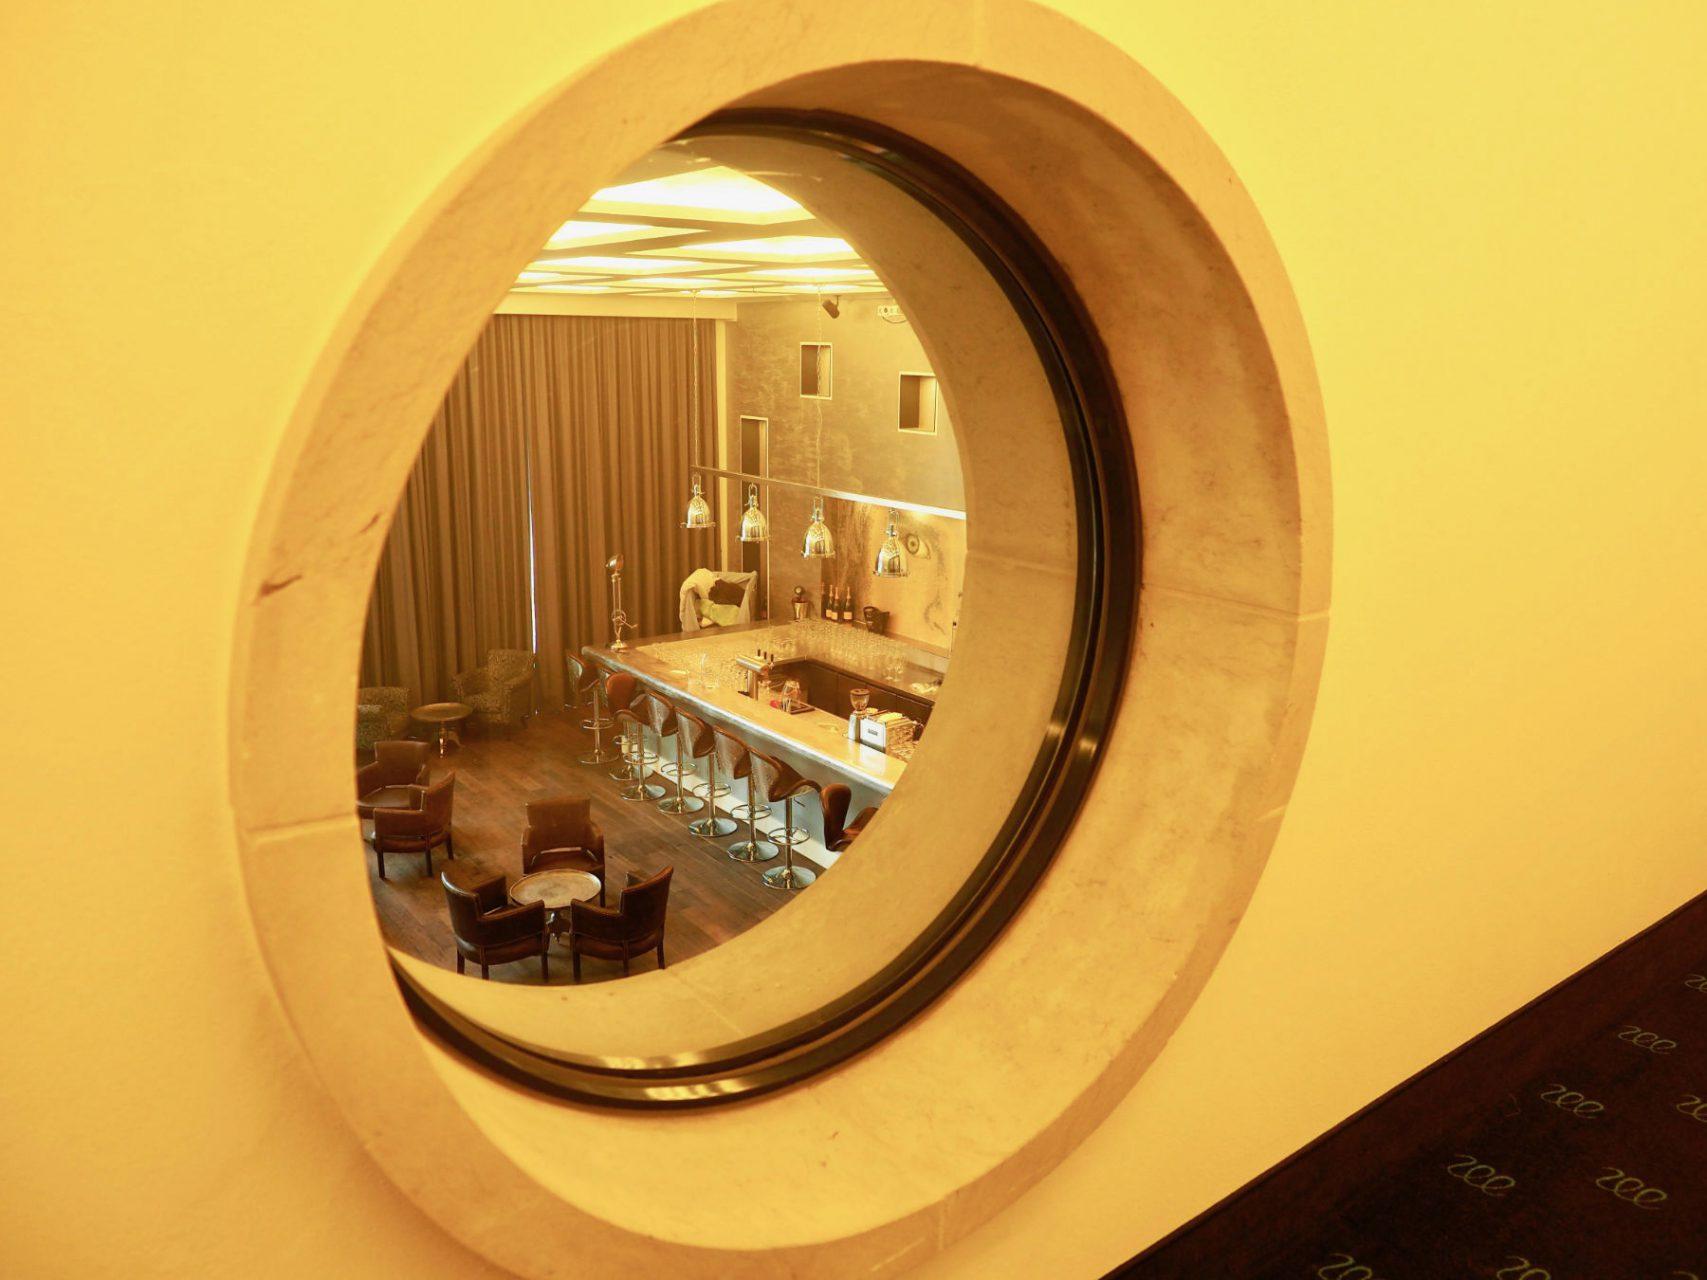 Architektonisches Zitat. Teile der alten Baupläne sind erst jüngst wieder aufgetaucht. Der Entwickler von Prora Solitaire behalf sich mit intensivem Studium der Baurelikte und Fotos, die der Kölner Hugo Schmölz bis 1938 gemacht hat. Eines der Ergebnisse ist das innen wie außen wieder verwendete Bullauge.